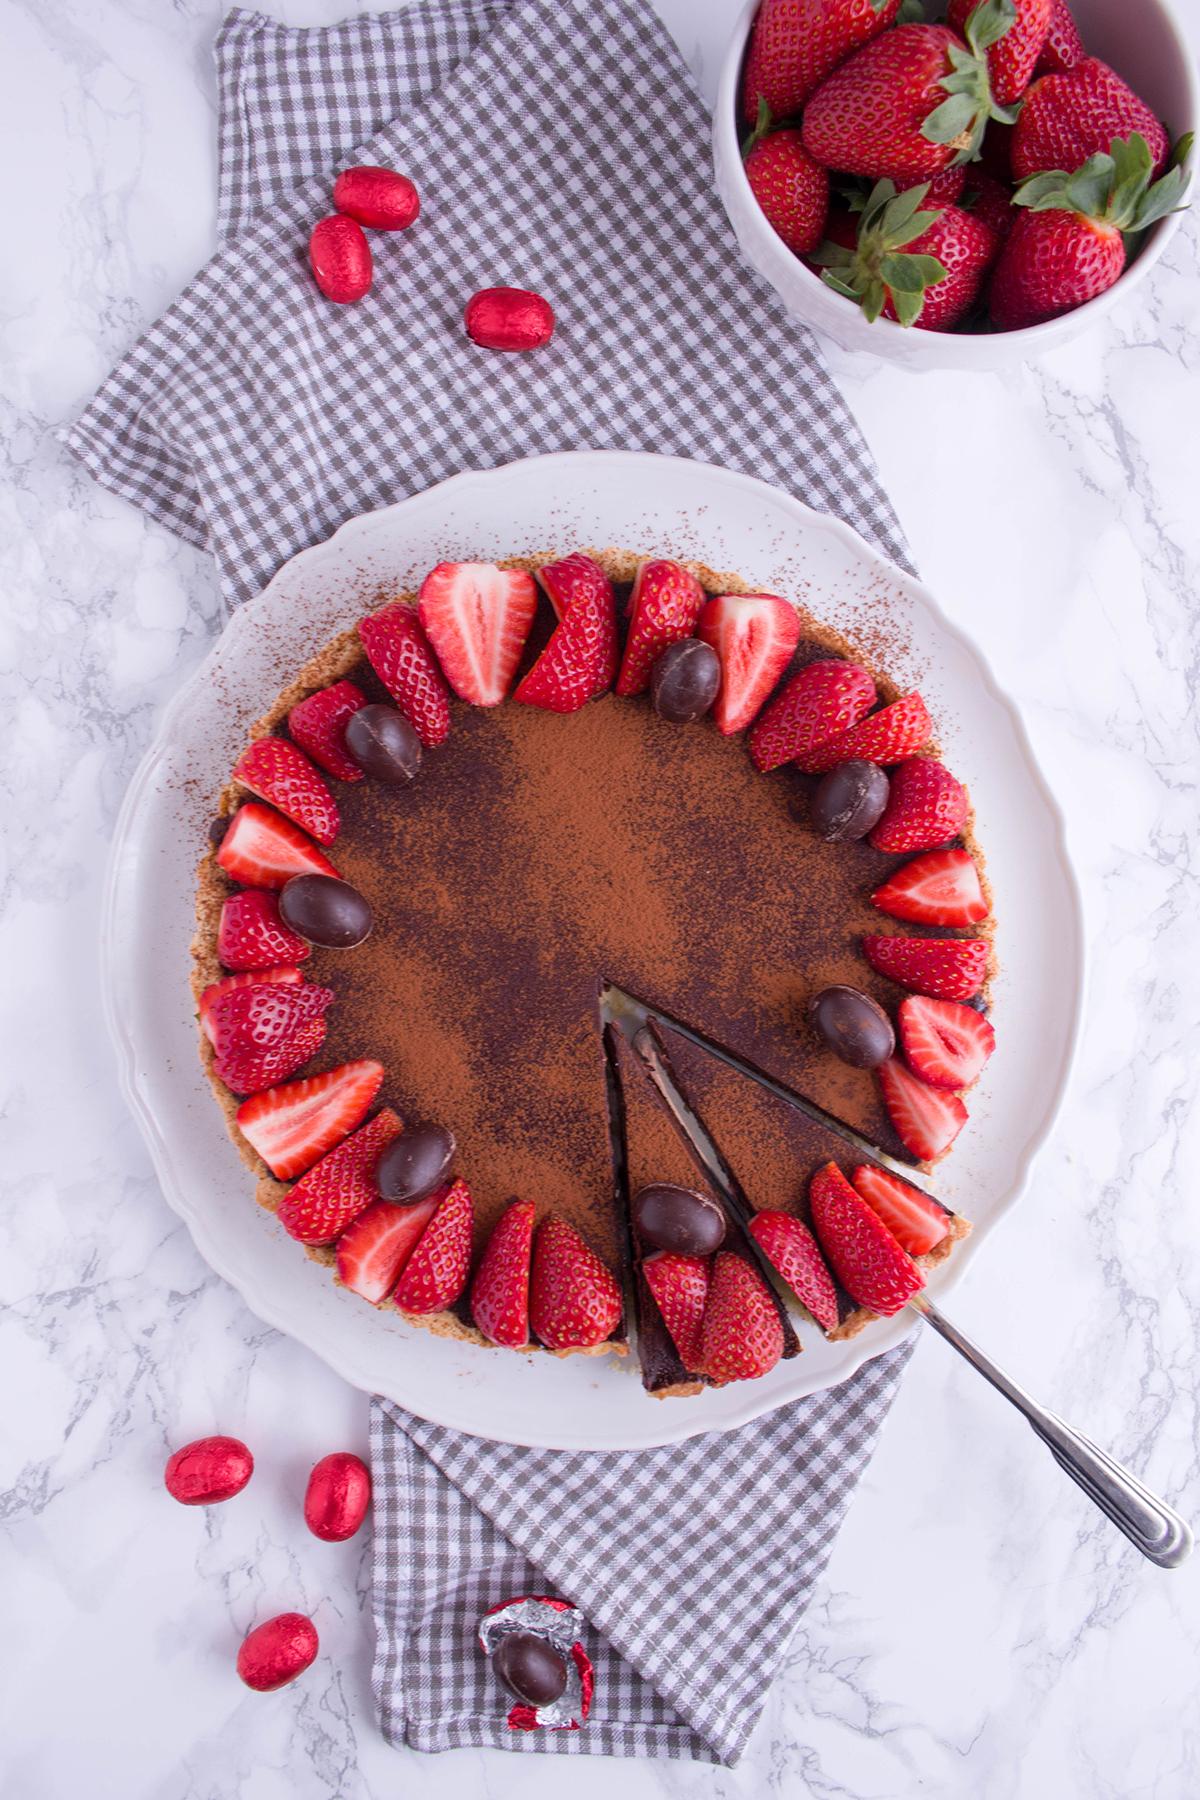 cokoladni-tart-3